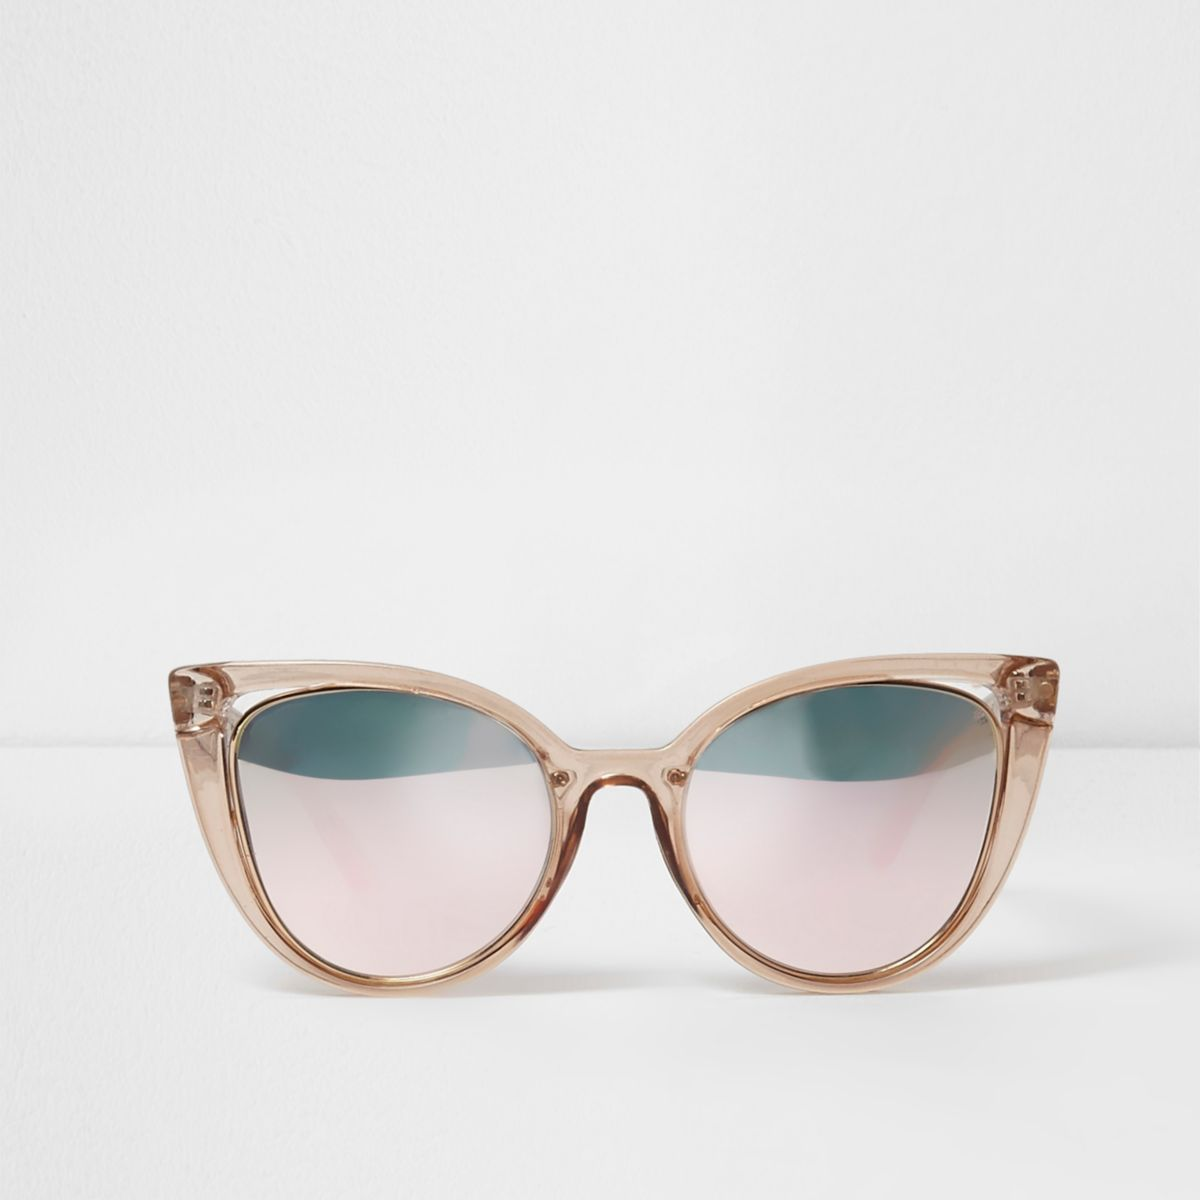 Beige plastic mirror lens cut out sunglasses